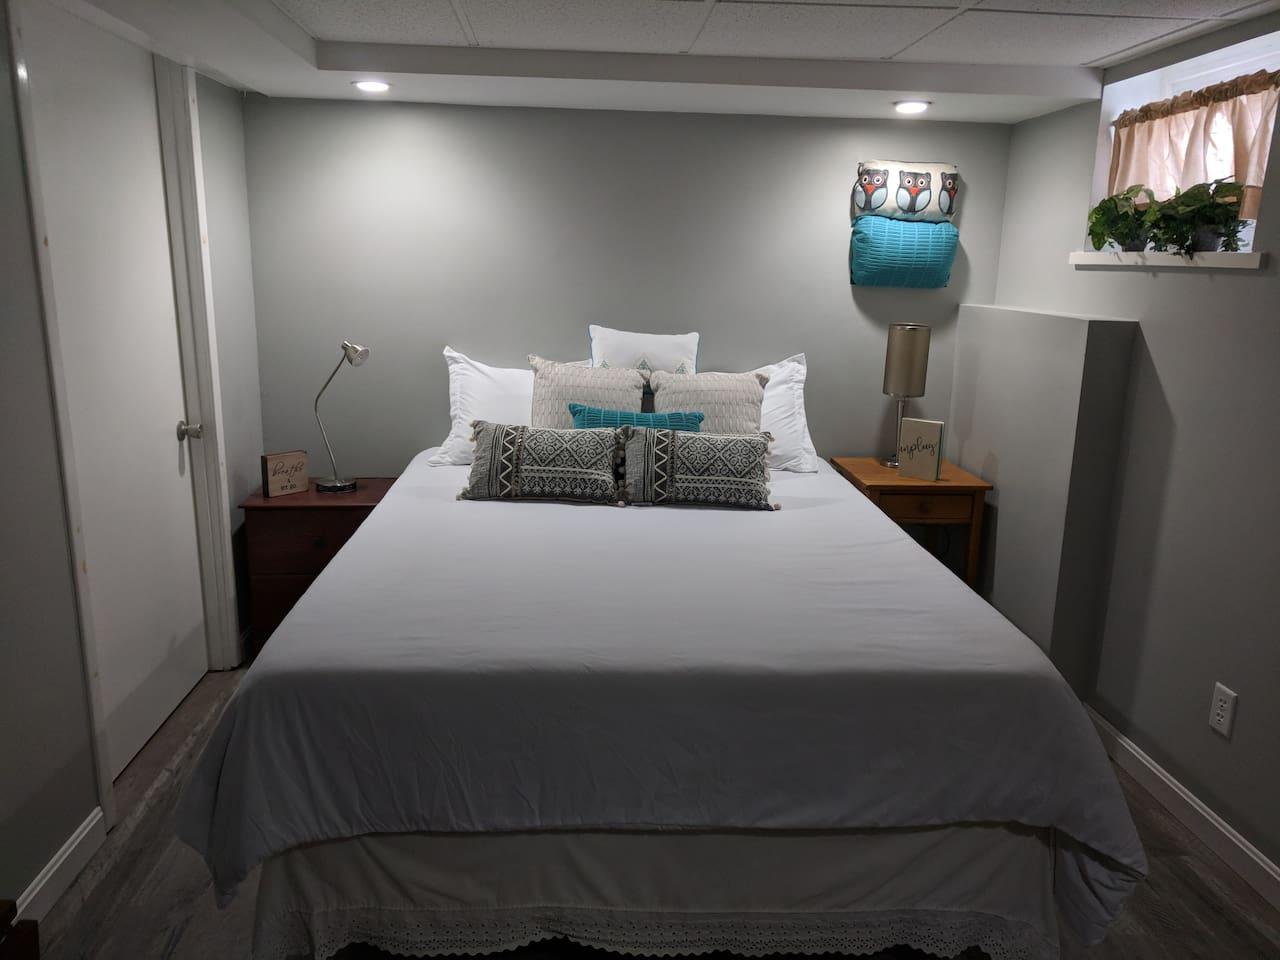 Cozy queen size bed.